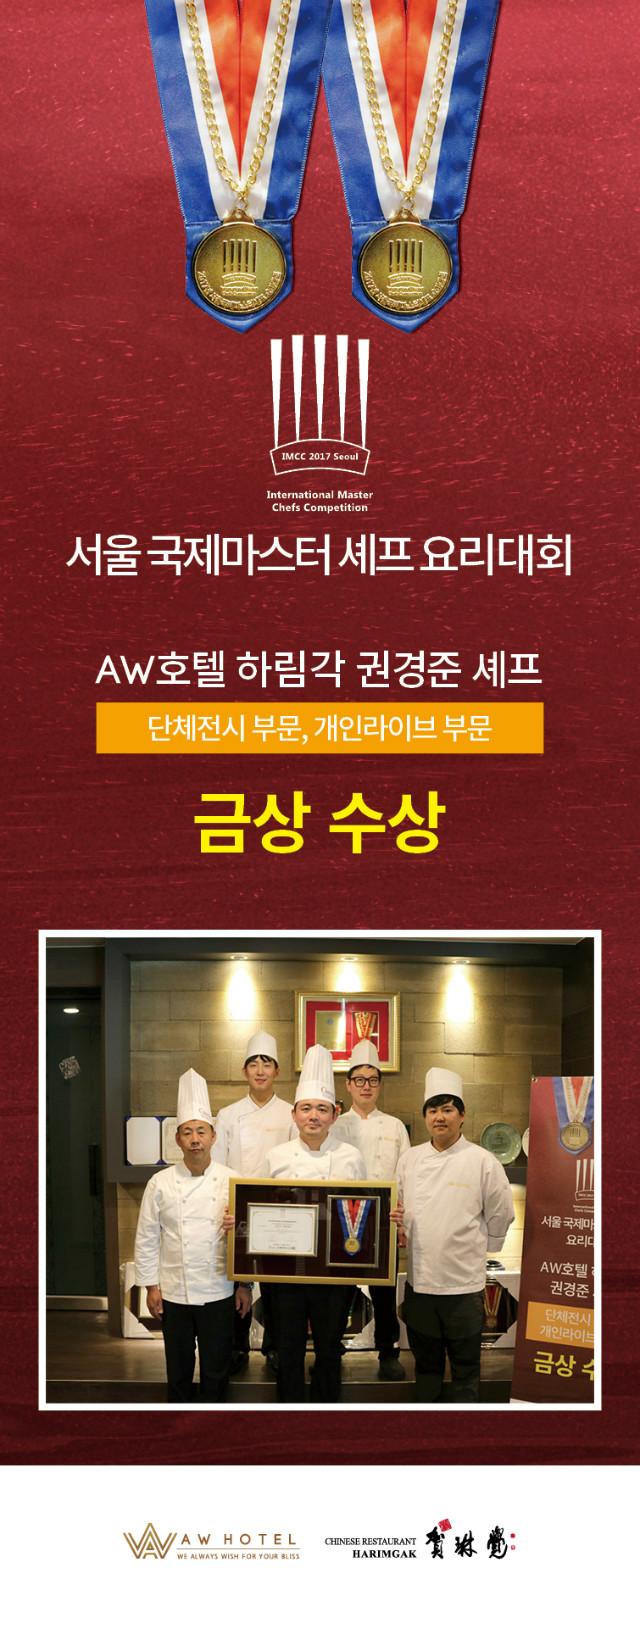 하림각 대회현수막.jpg